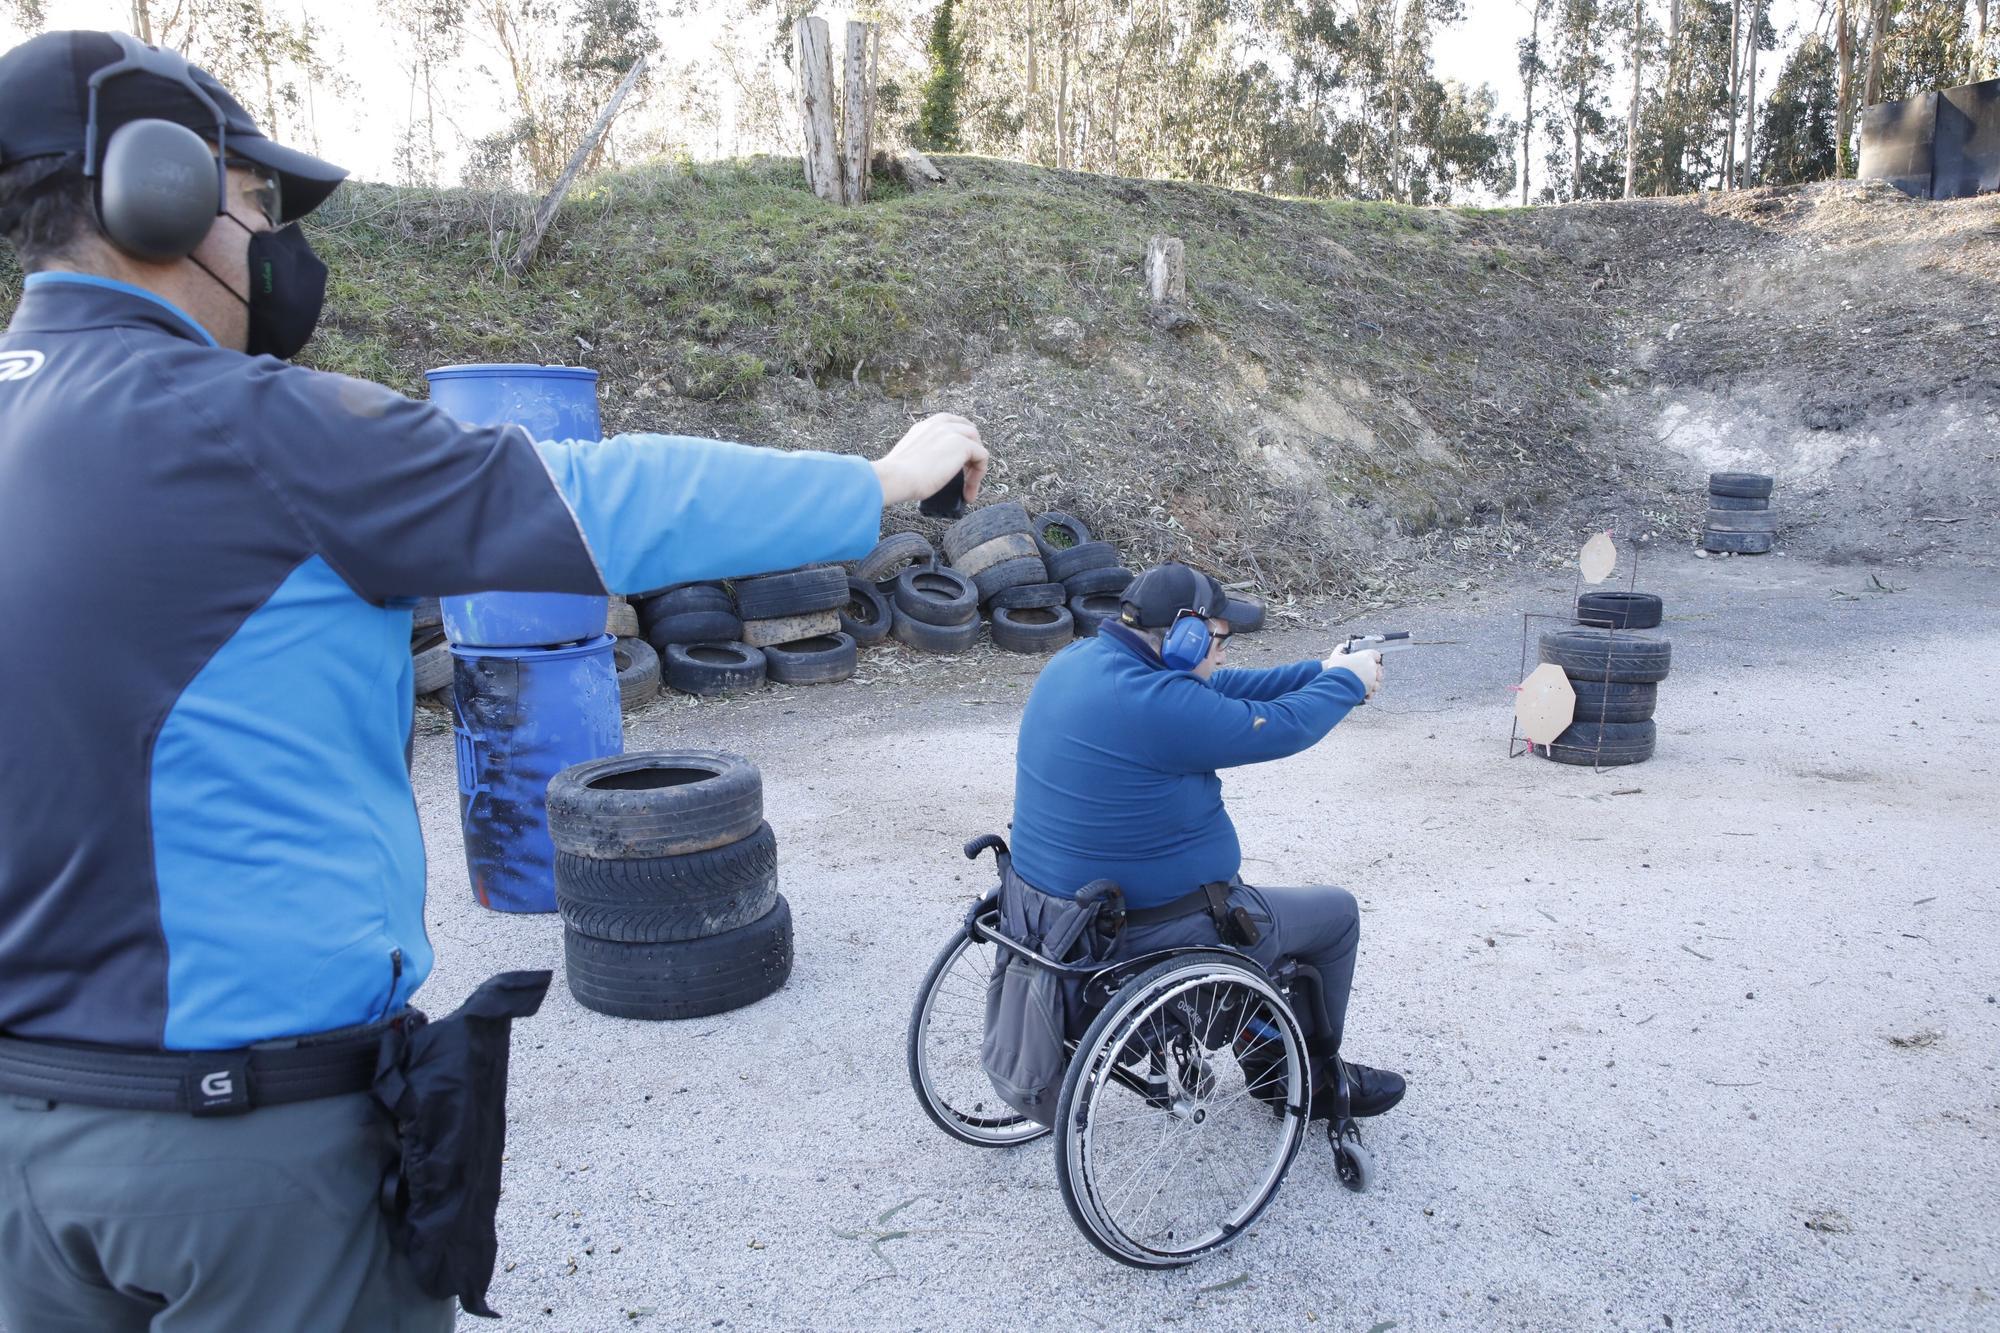 Socios del club de tiro Sogito durante sus prácticas.